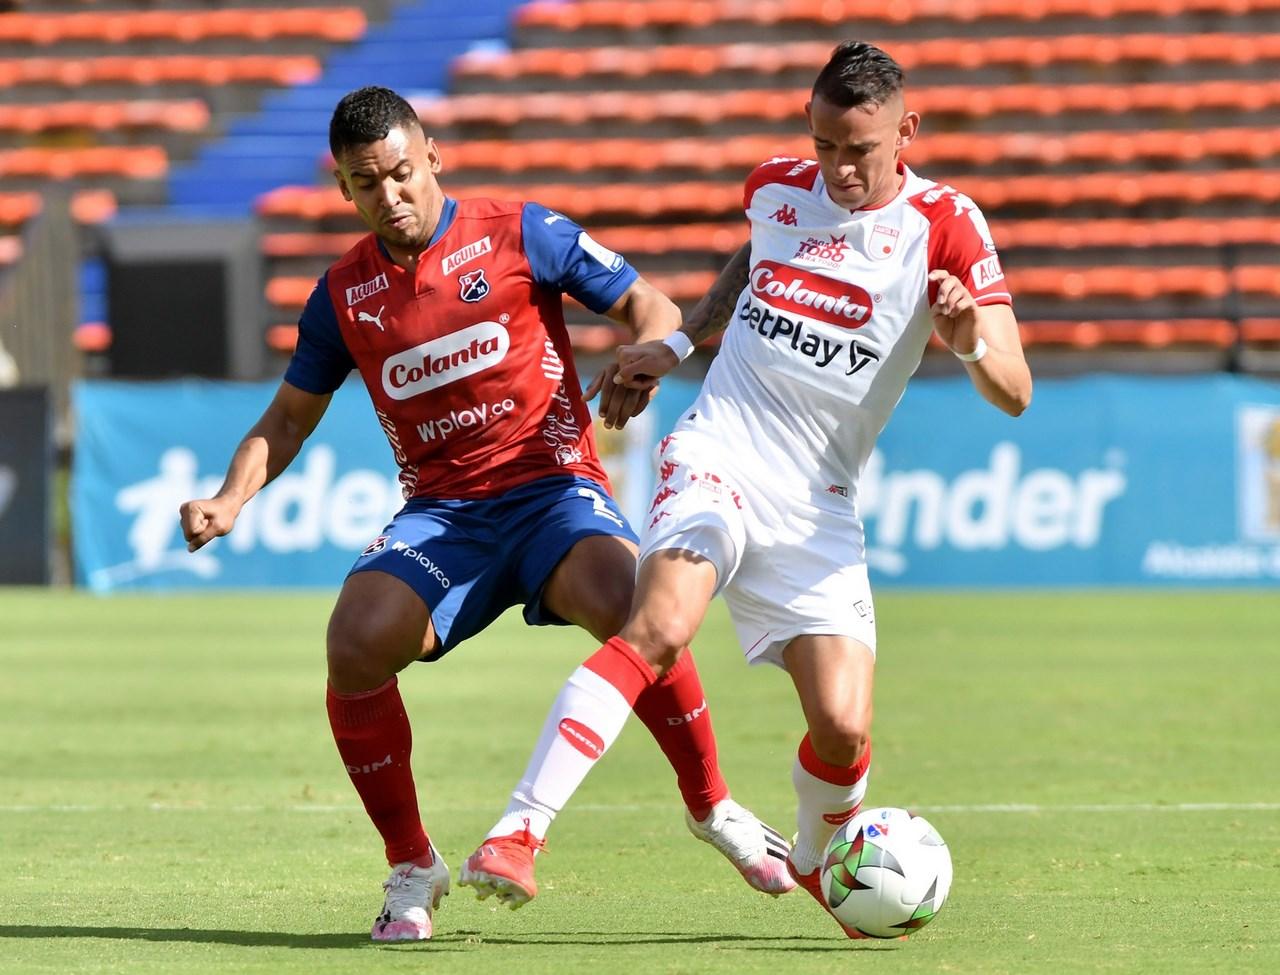 Medellin vs santa fe fecha 8 de la Liga 2